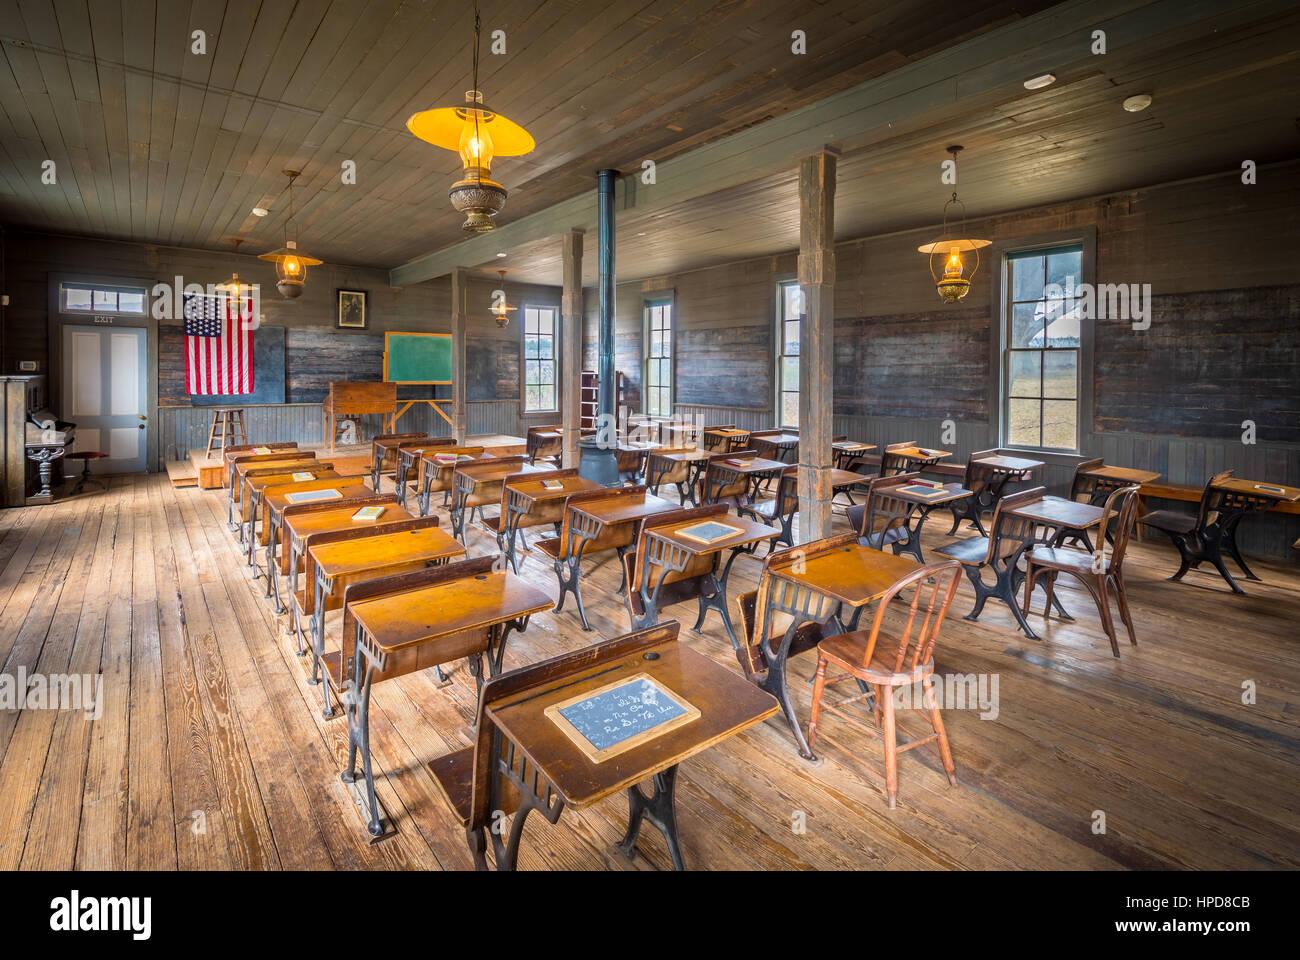 Unterricht in einer alten Schule in Dallas, Texas, die von 1888 bis 1919 genutzt wurde. Stockbild